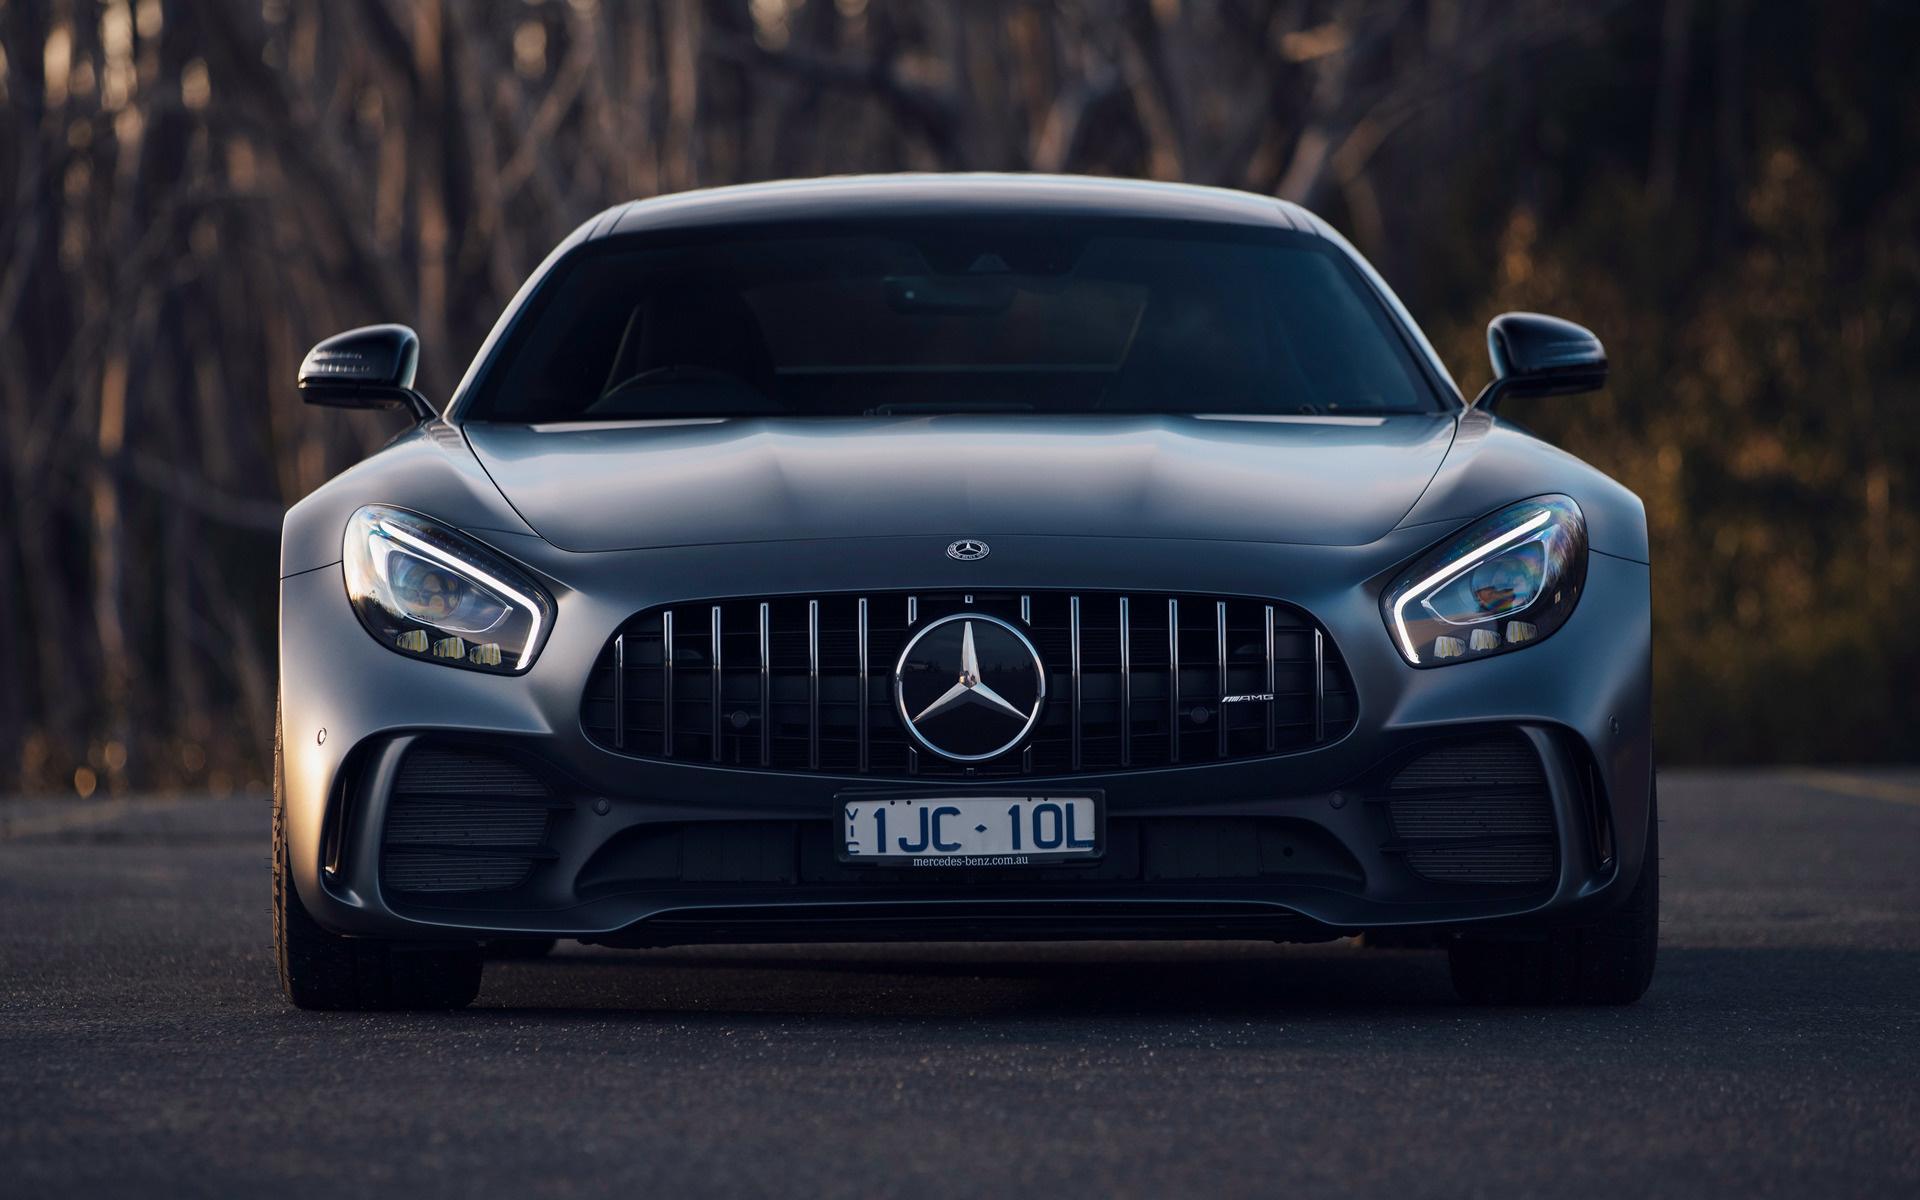 2017 Mercedes Amg Gt R Au Hintergrundbilder Und